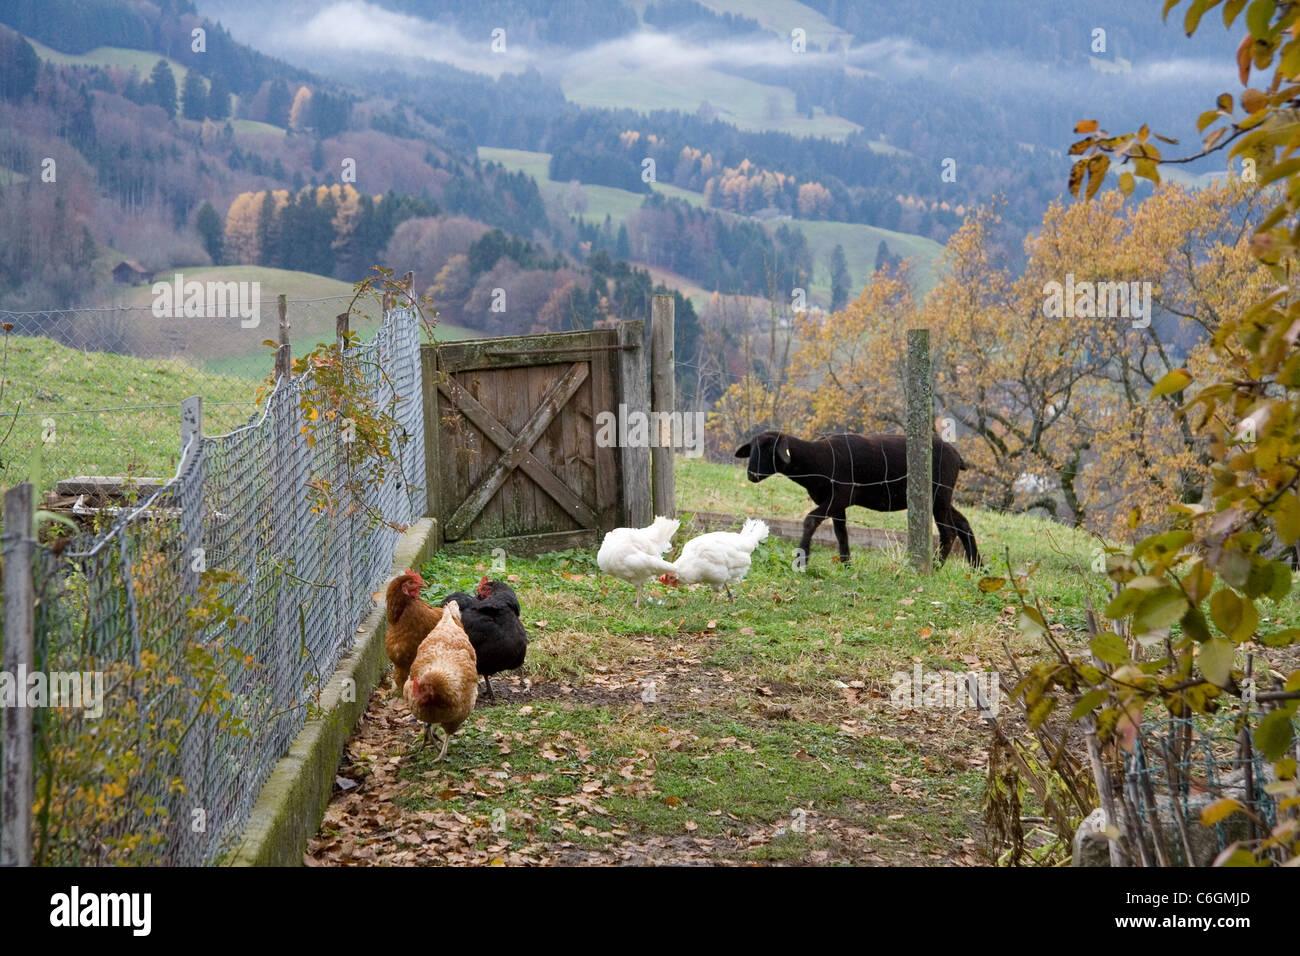 Hinterhof Eines Bauernhauses In Der Schweiz Stockbild